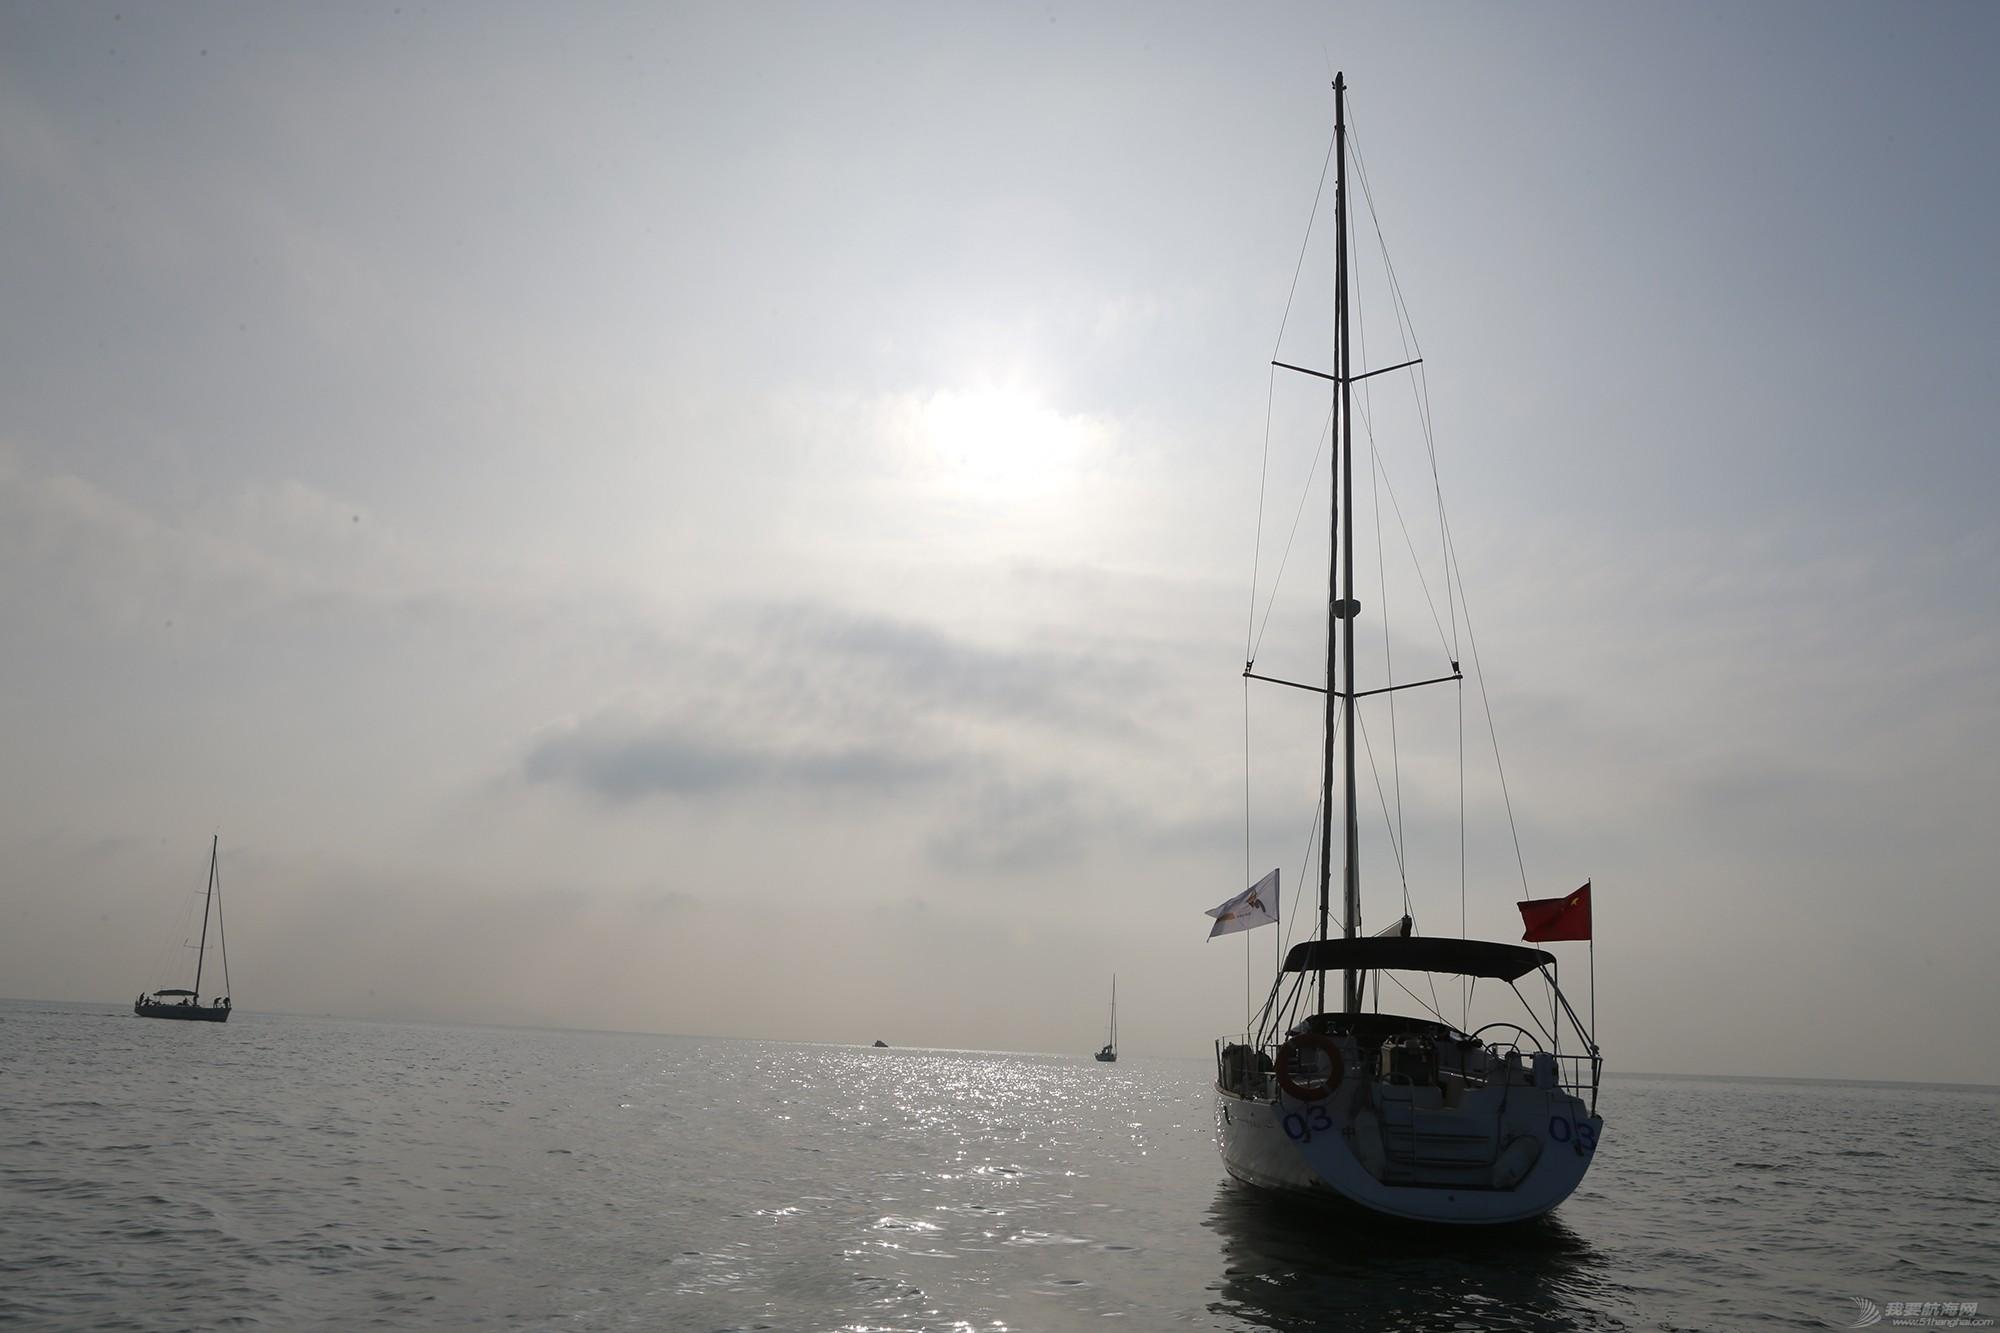 风和日丽,蚂蚁 浪汹雨疾初登蚂蚁岛,风和日丽次临将军石 _MG_8291.JPG